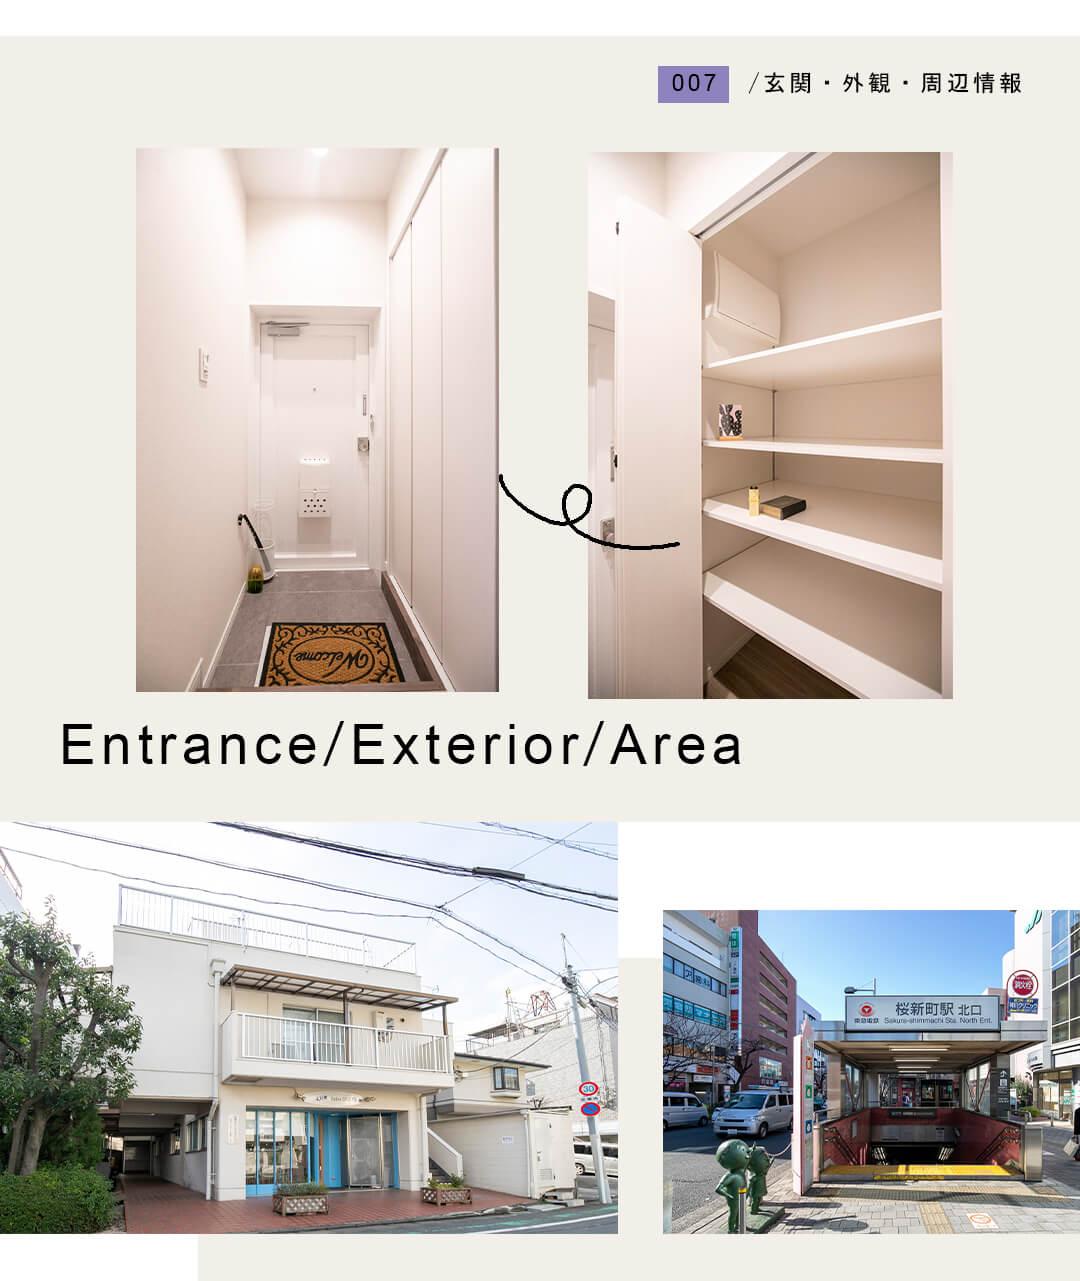 007玄関,外観,周辺情報,Entrance,Exterior,Area